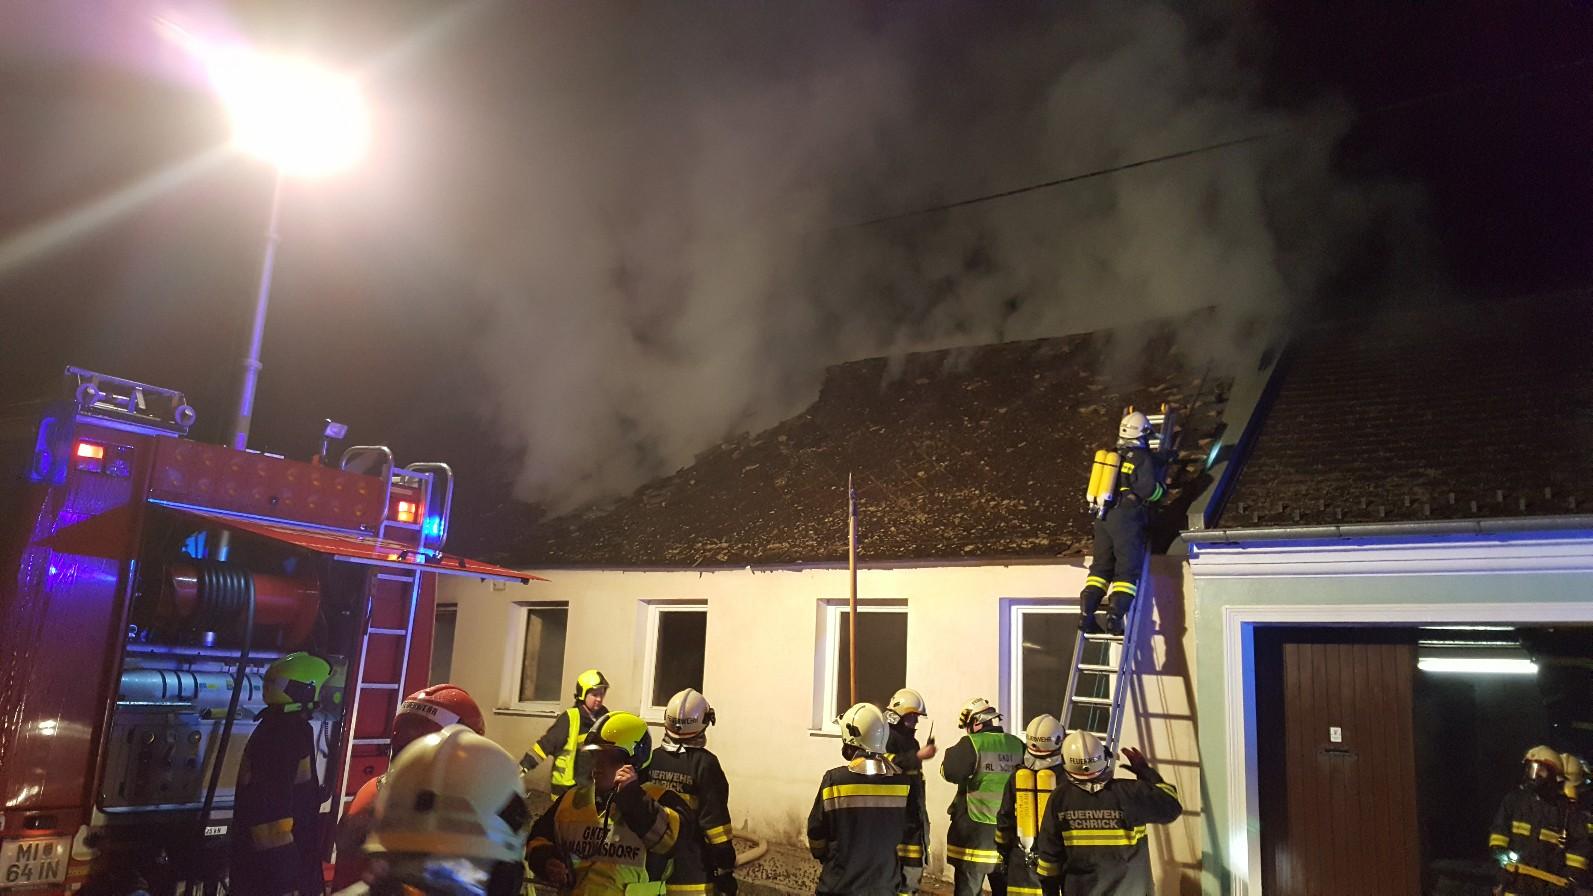 Wohnhausbrand (B3) – Gaweinstal (Scheicherstraße) – 16.02.2018